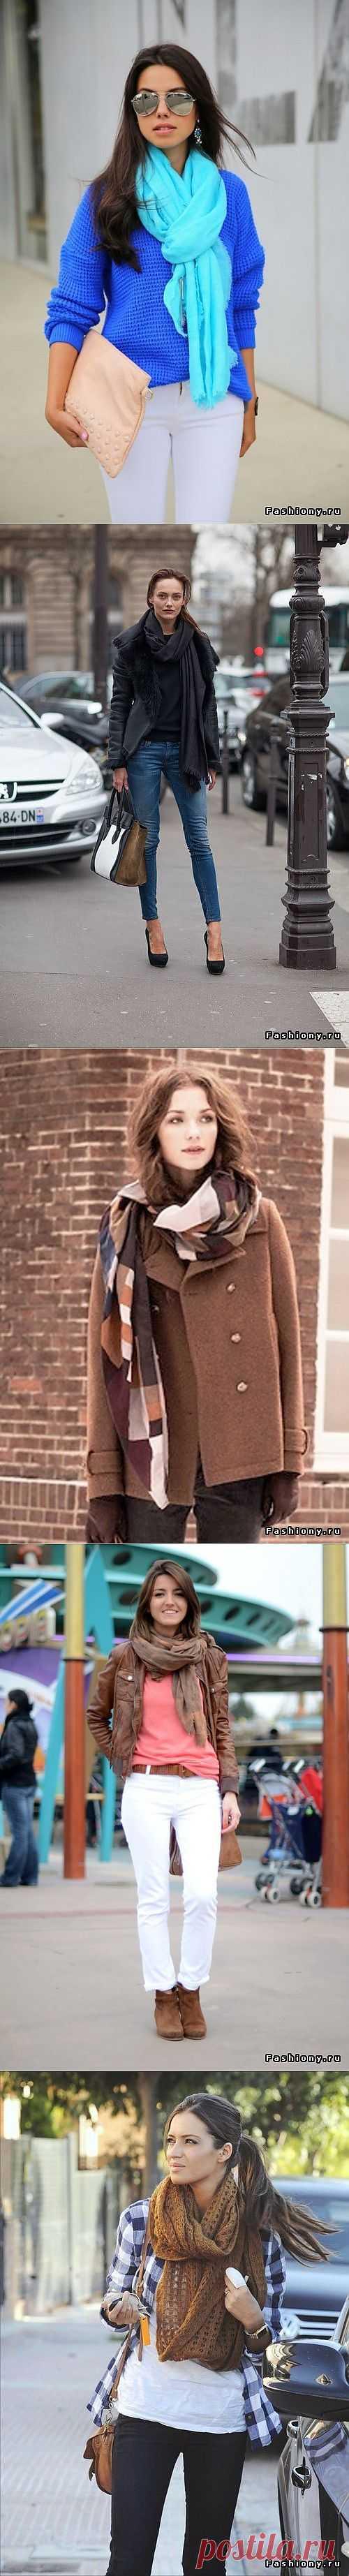 Осеннее вдохновение: Шарфы, платки, палантины